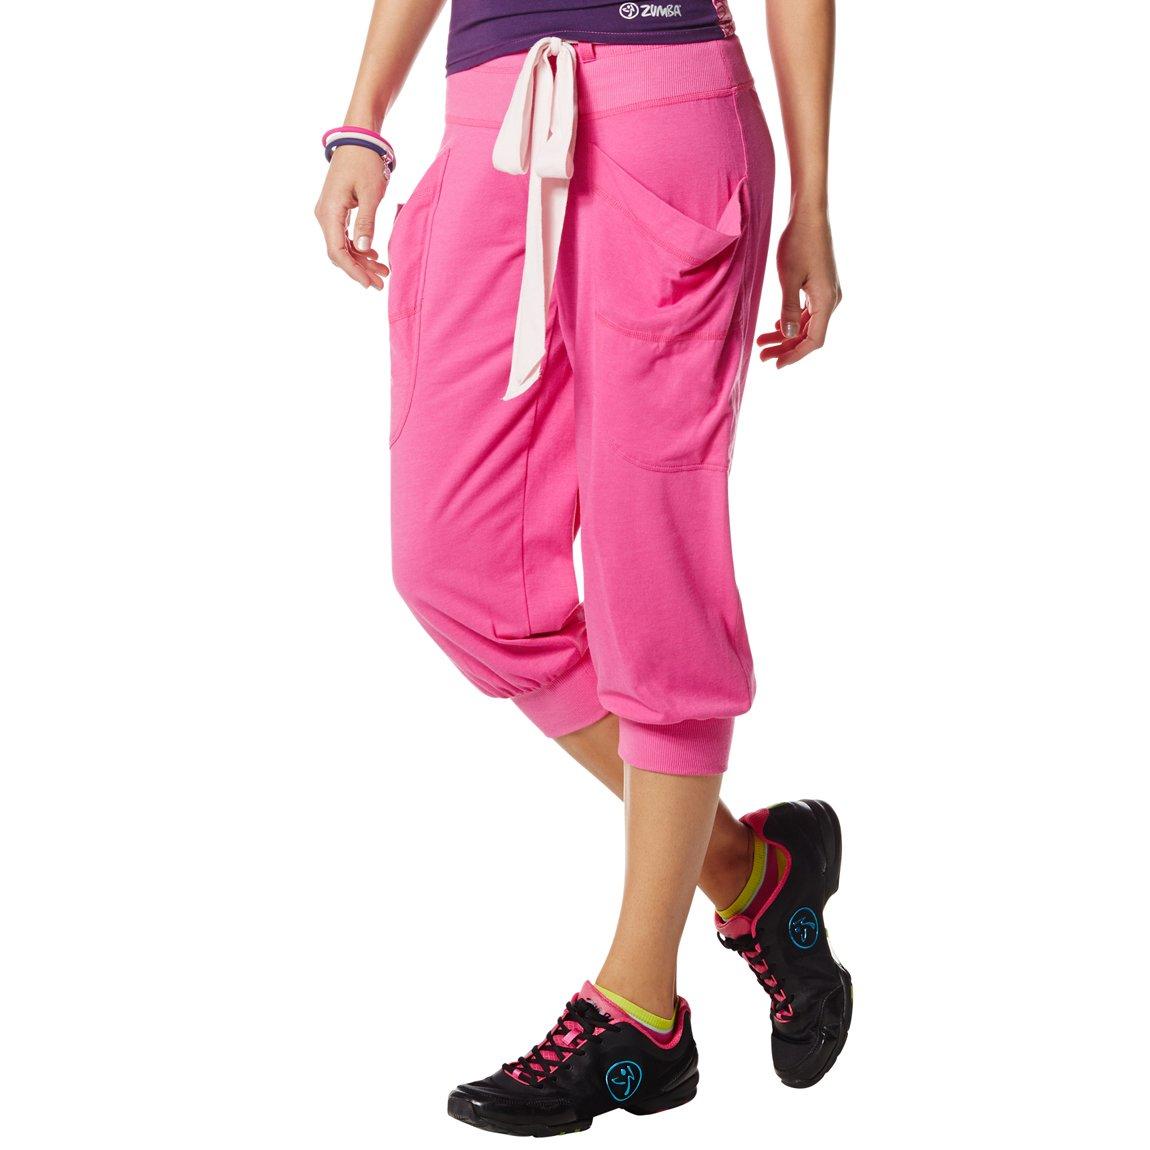 Zumba Fitness® Hose Capri Pants - Pantalones pirata de fitness para mujer, color rosa, talla L: Amazon.es: Deportes y aire libre